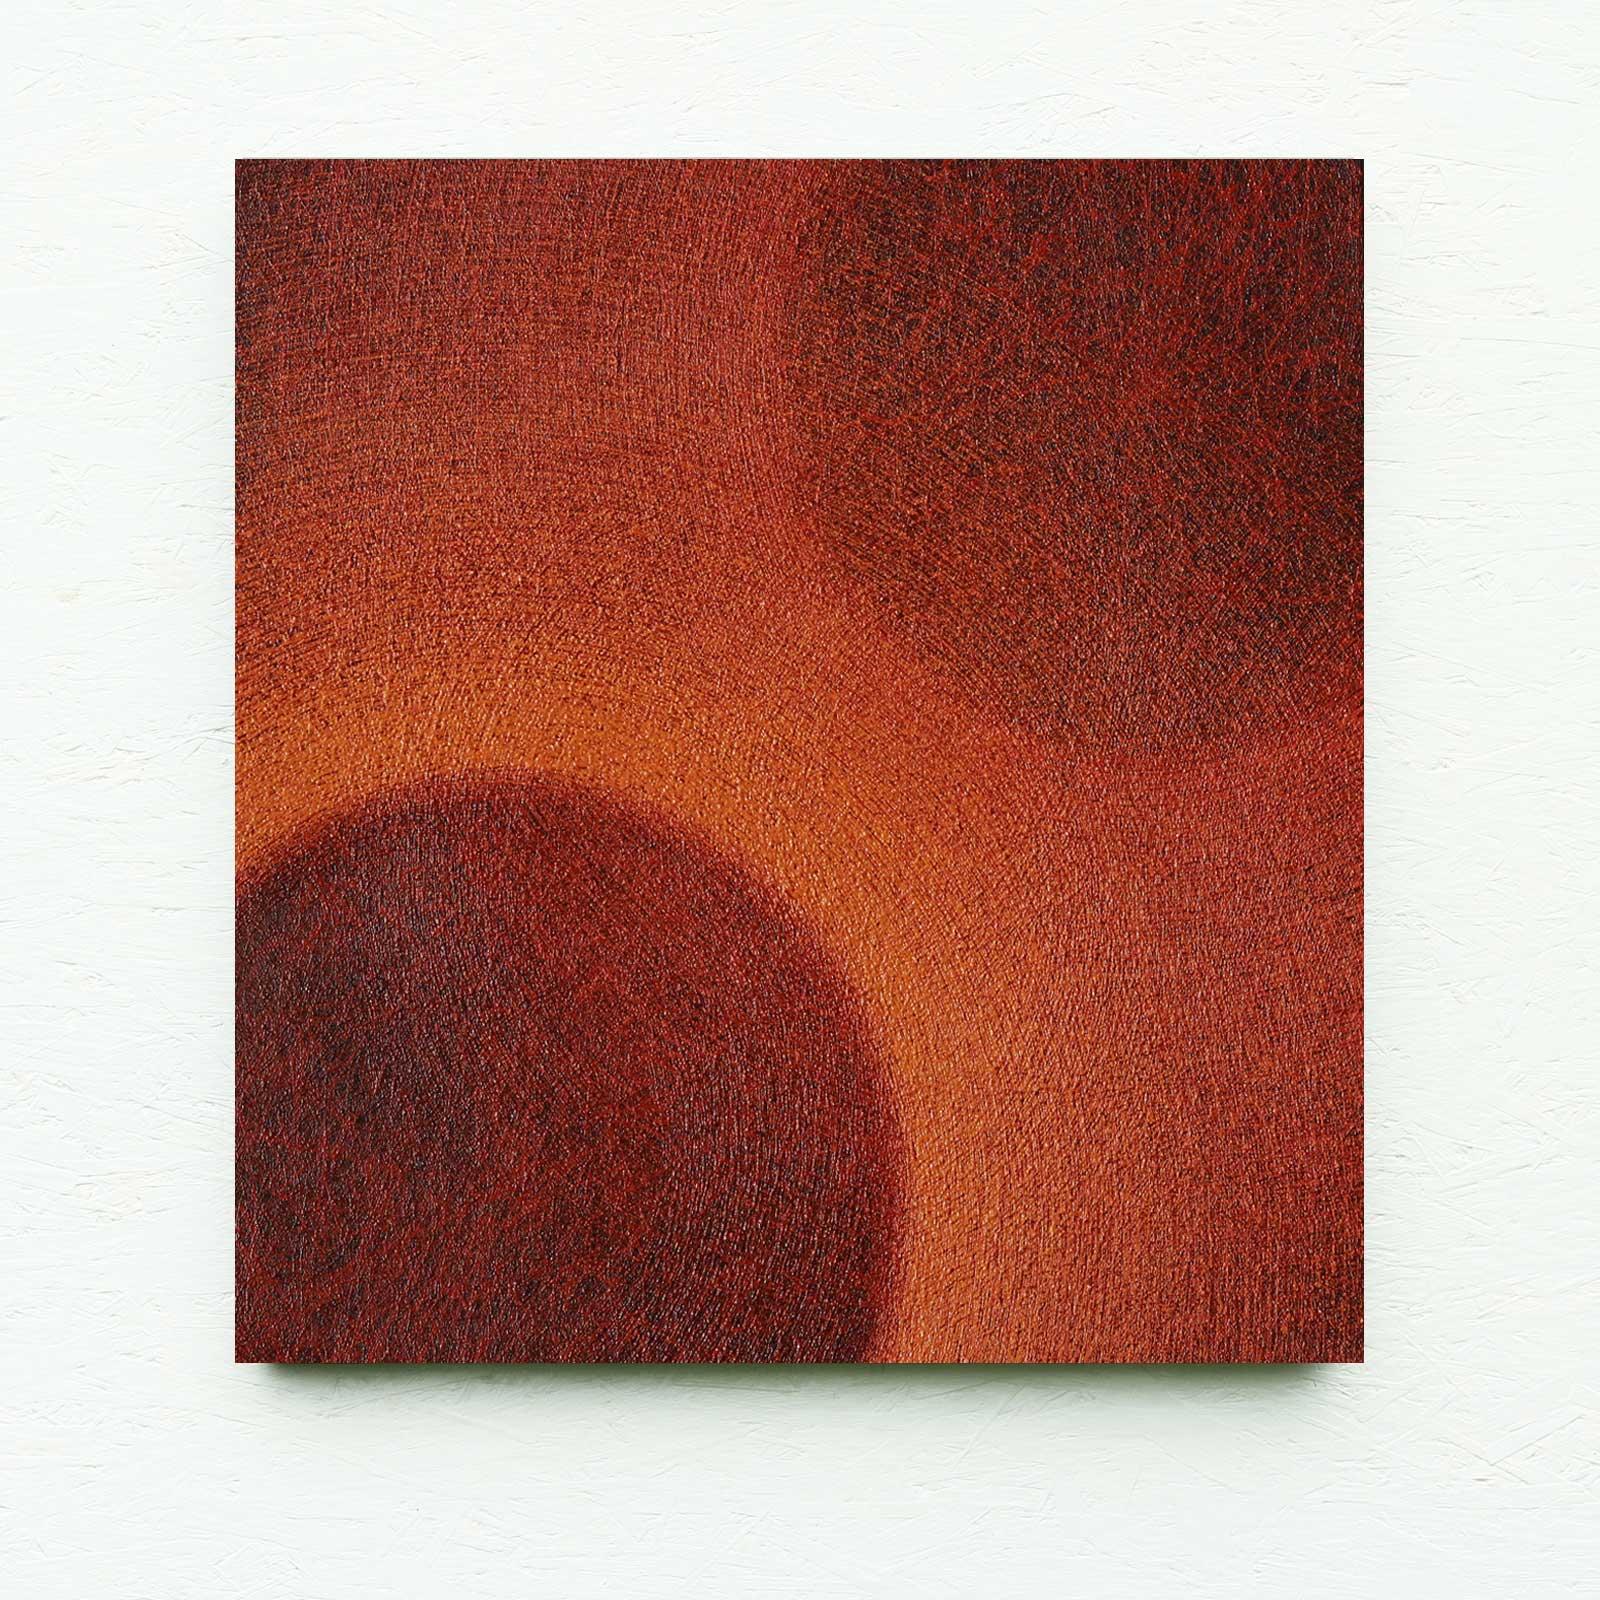 Genesis . 115 x 125 cm